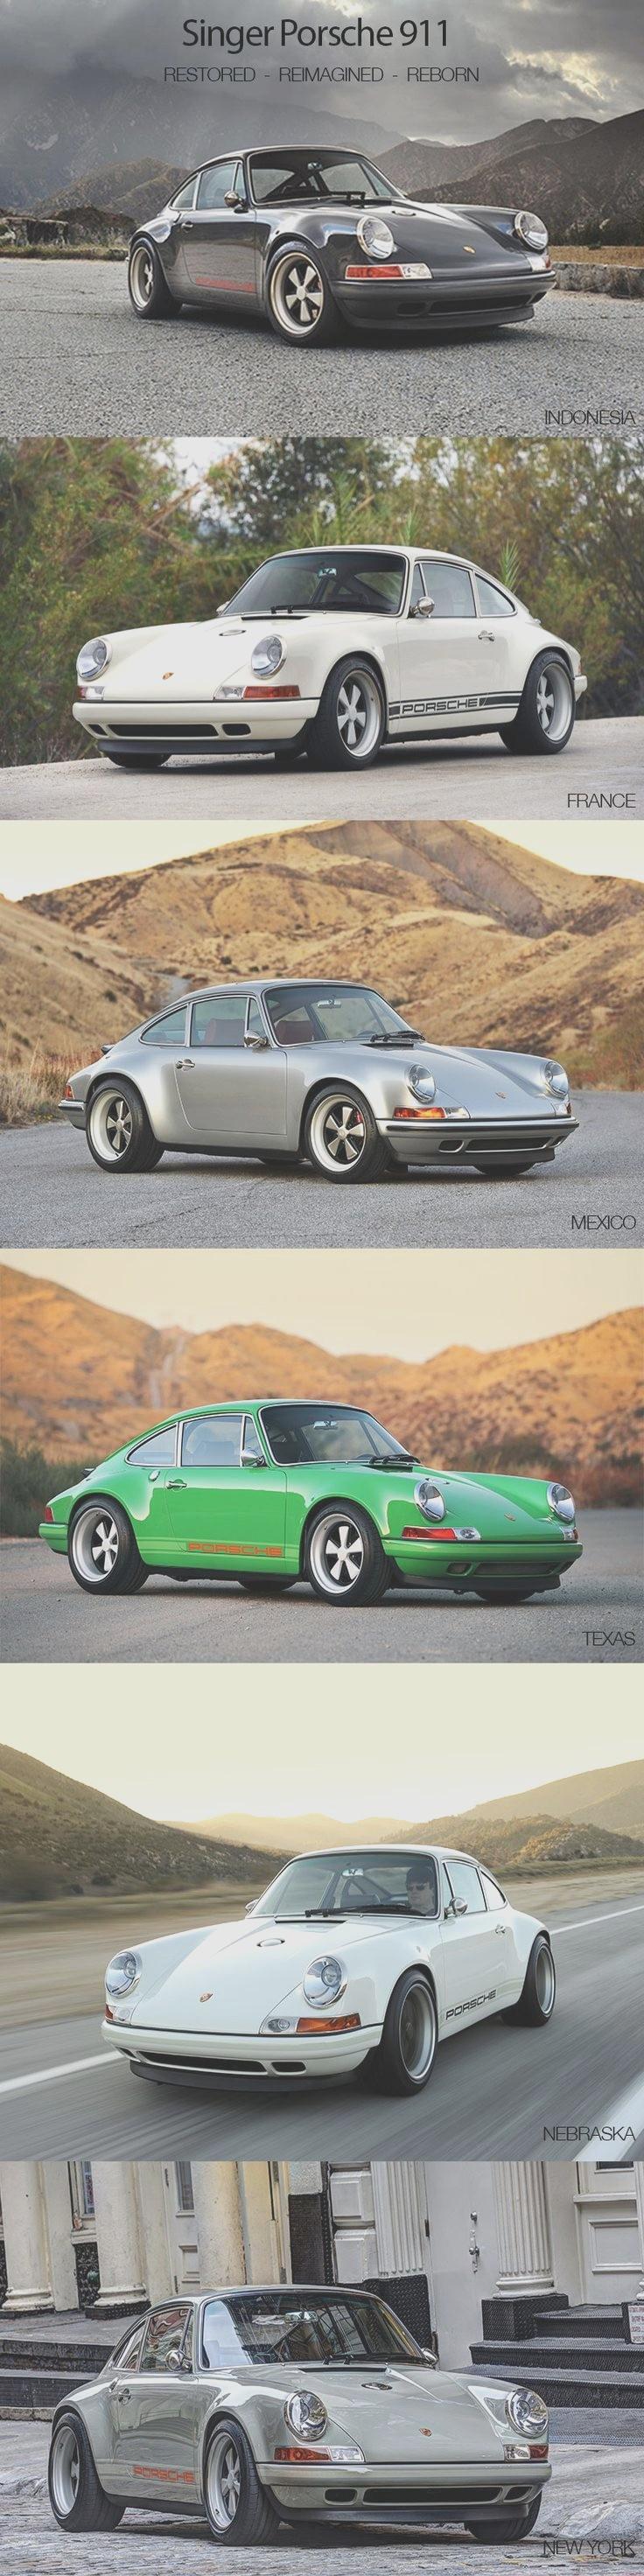 Ausmalbilder Autos Porsche Inspirierend Autos Ausmalbilder Uploadertalk Luxus Malvorlagen Porsche Sammlung